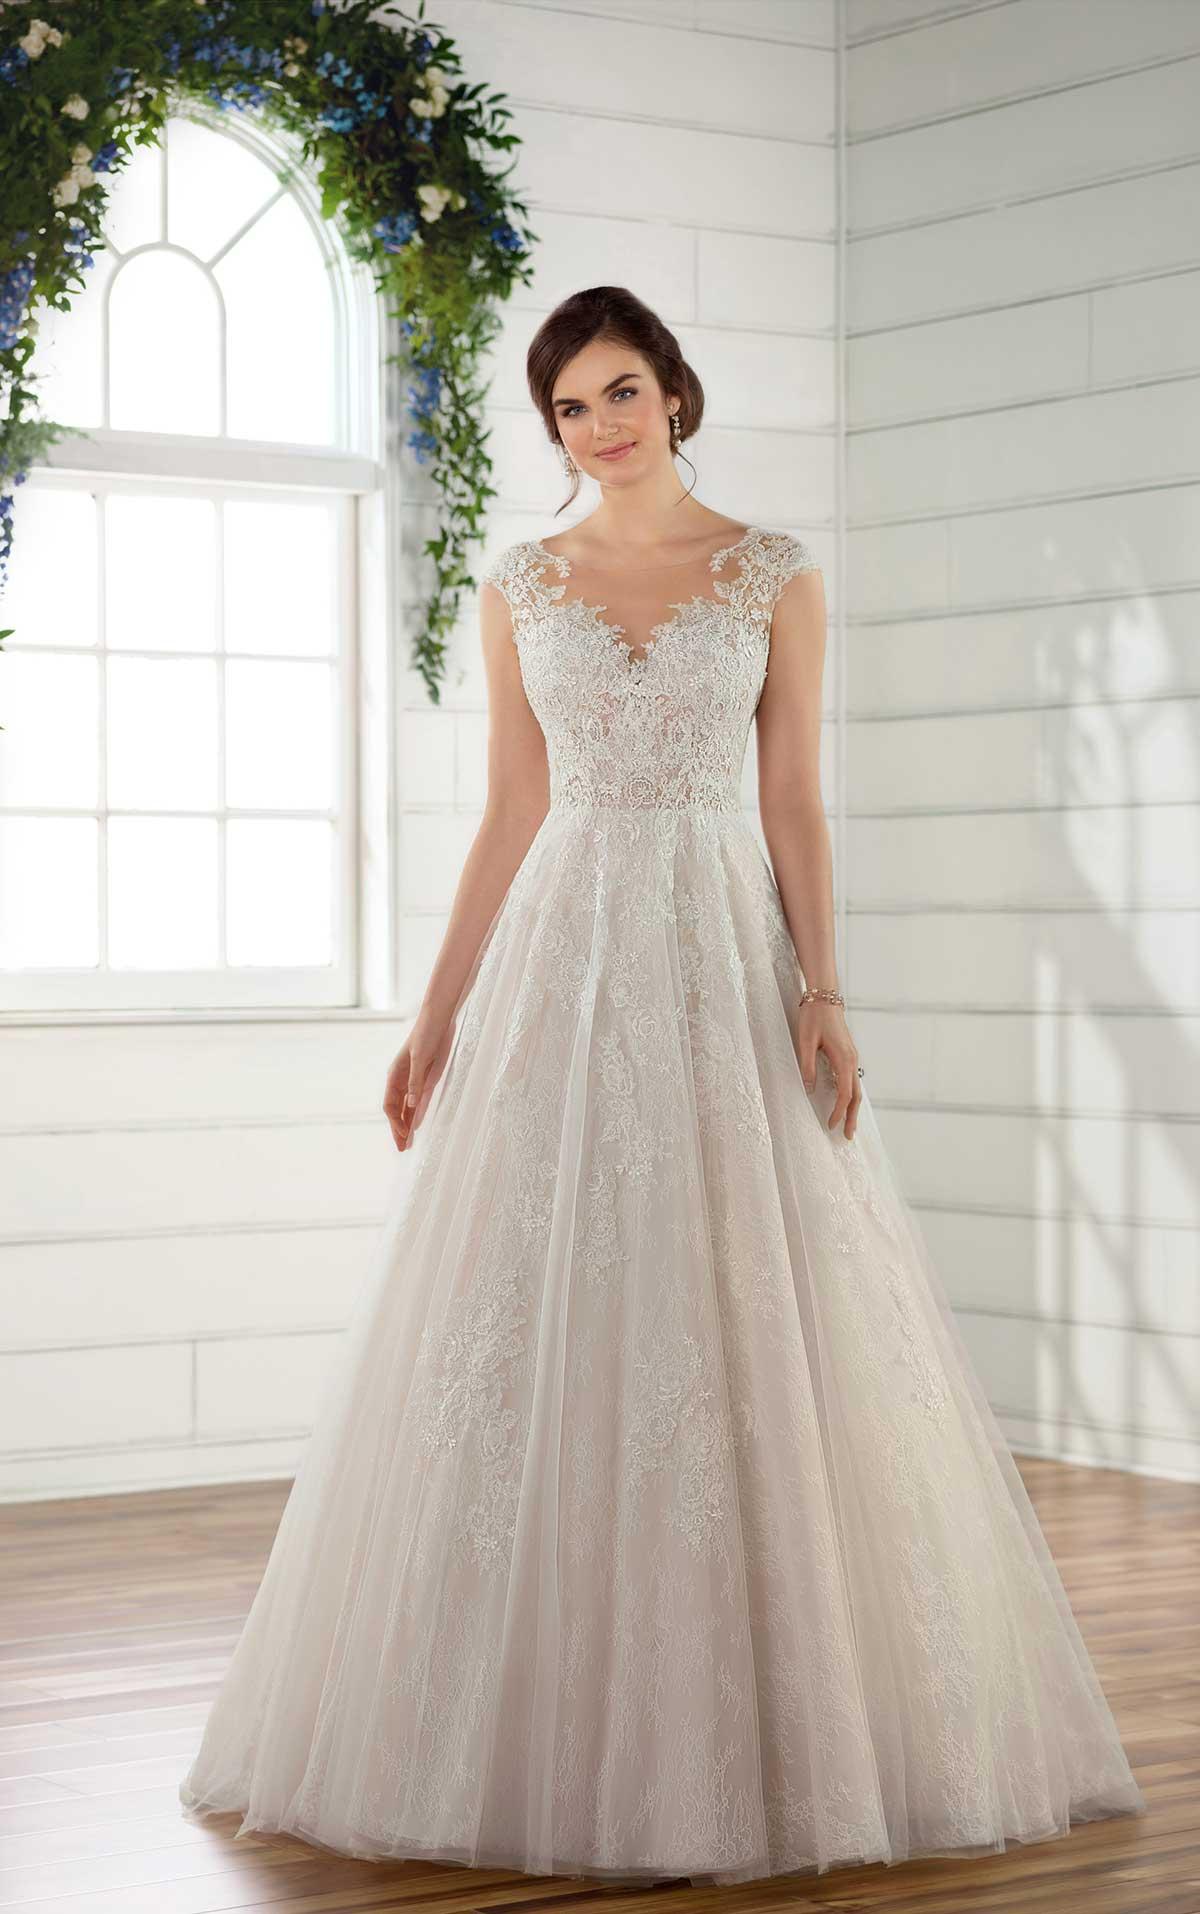 Consignment Wedding Dresses Portland Maine Pemerintah Kota Ambon